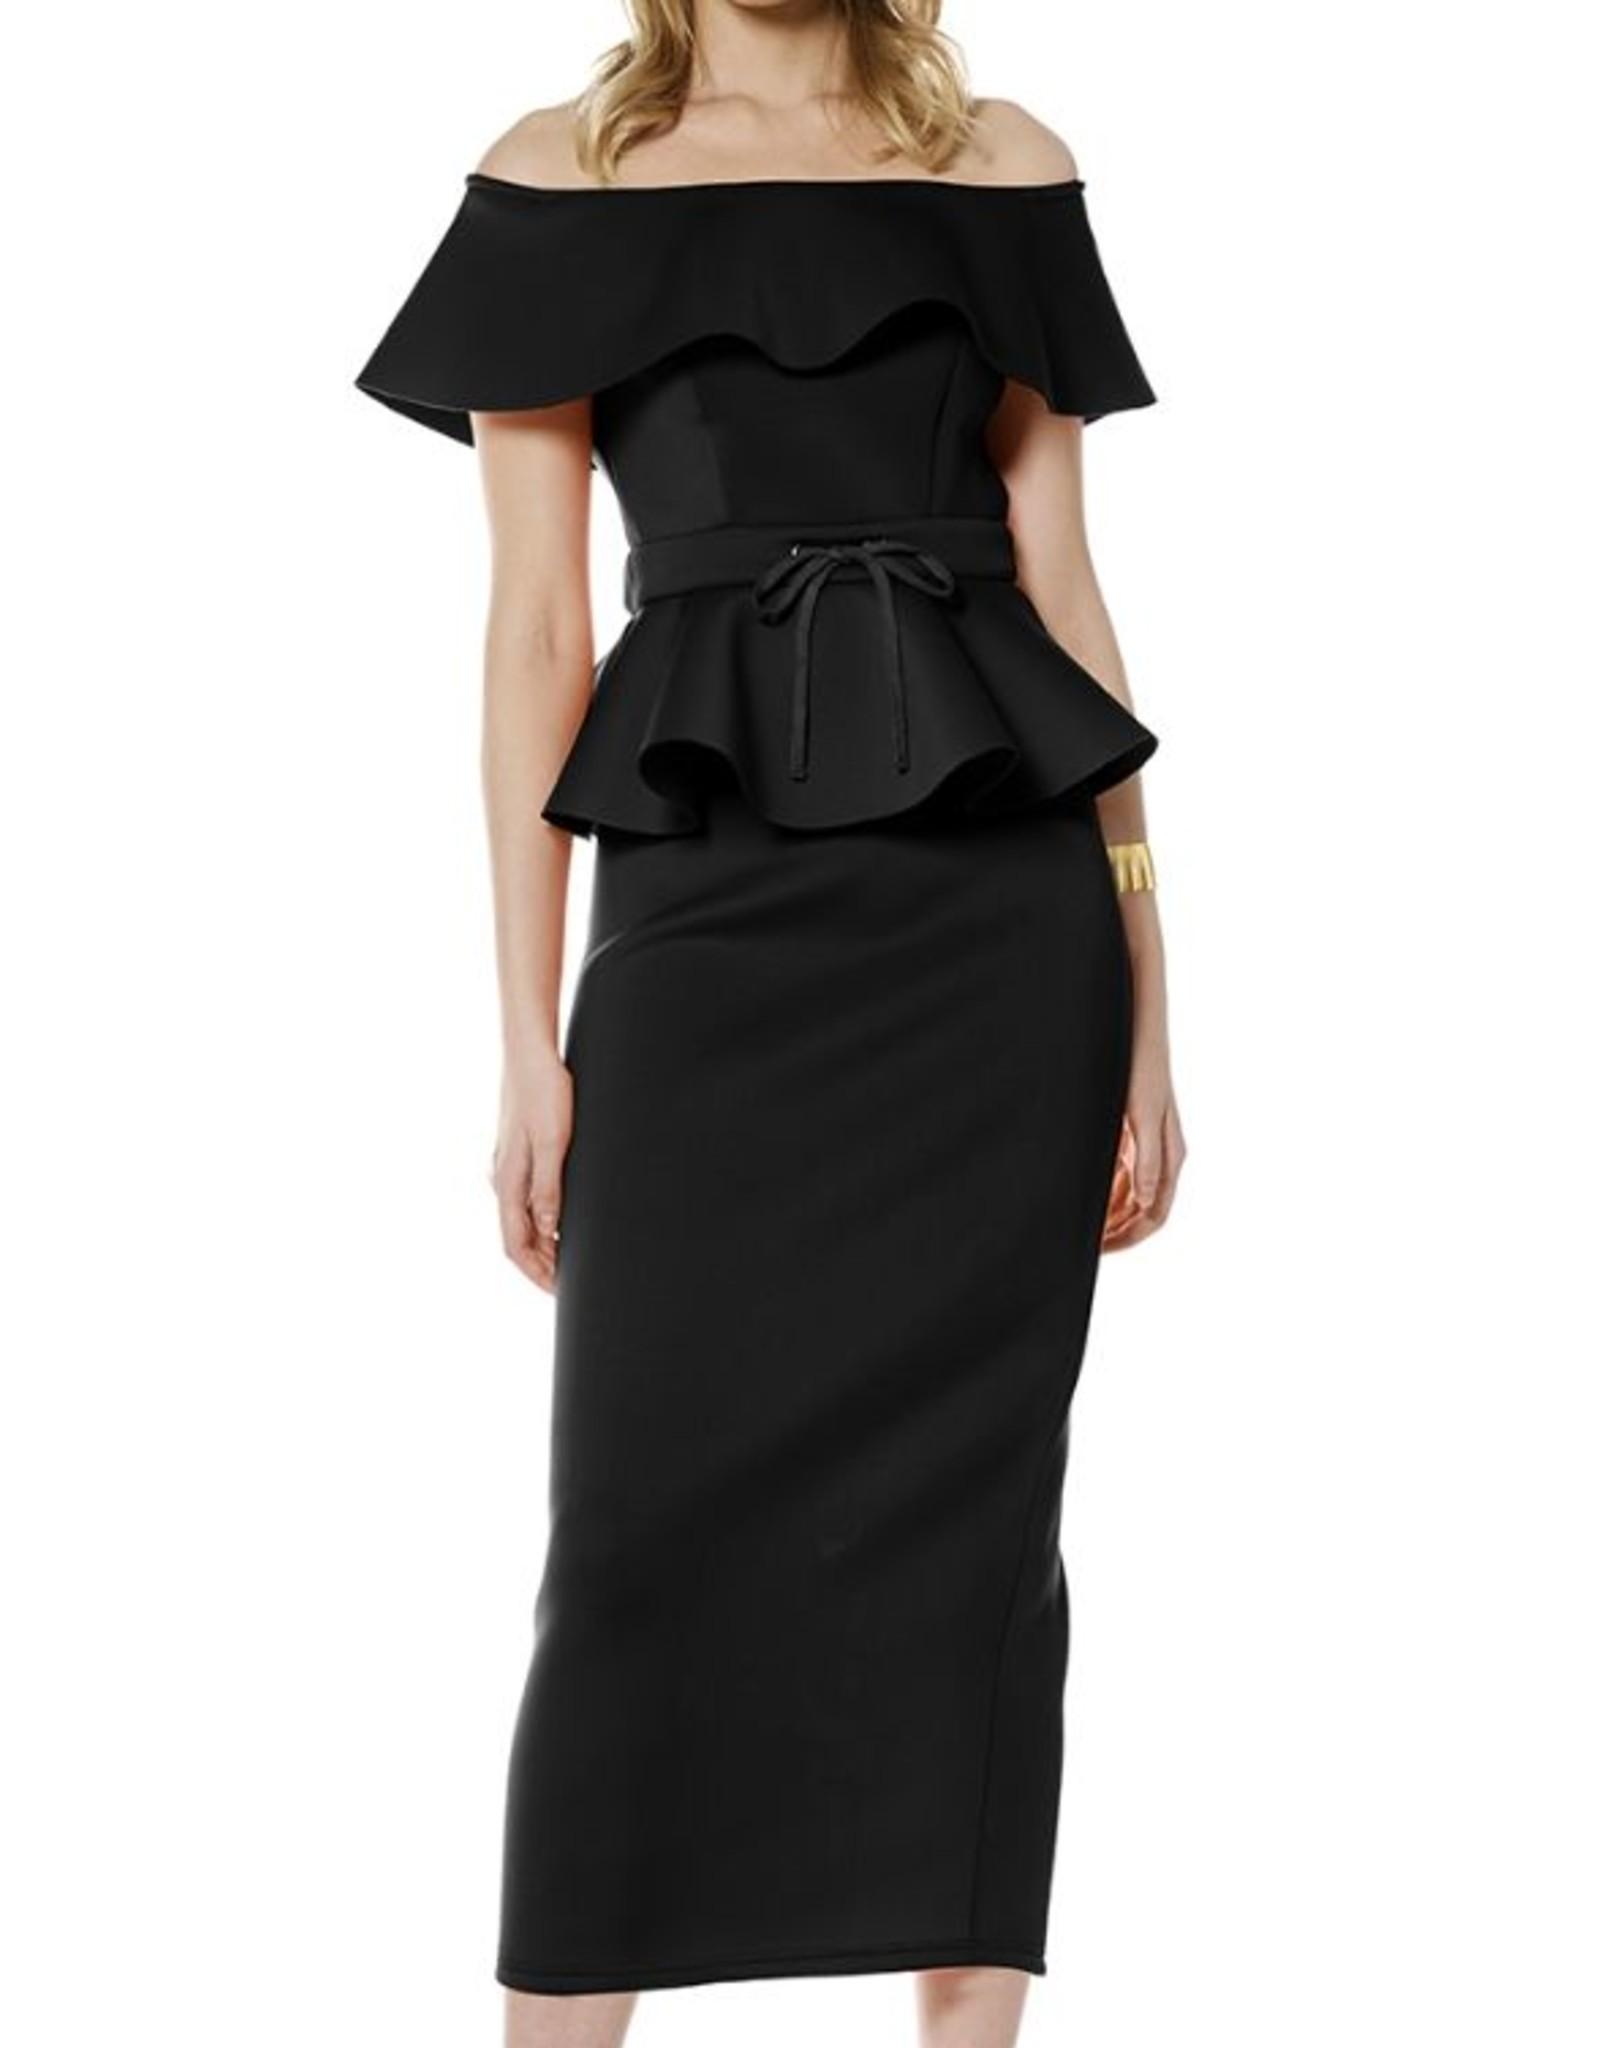 Weylyn Dress Black